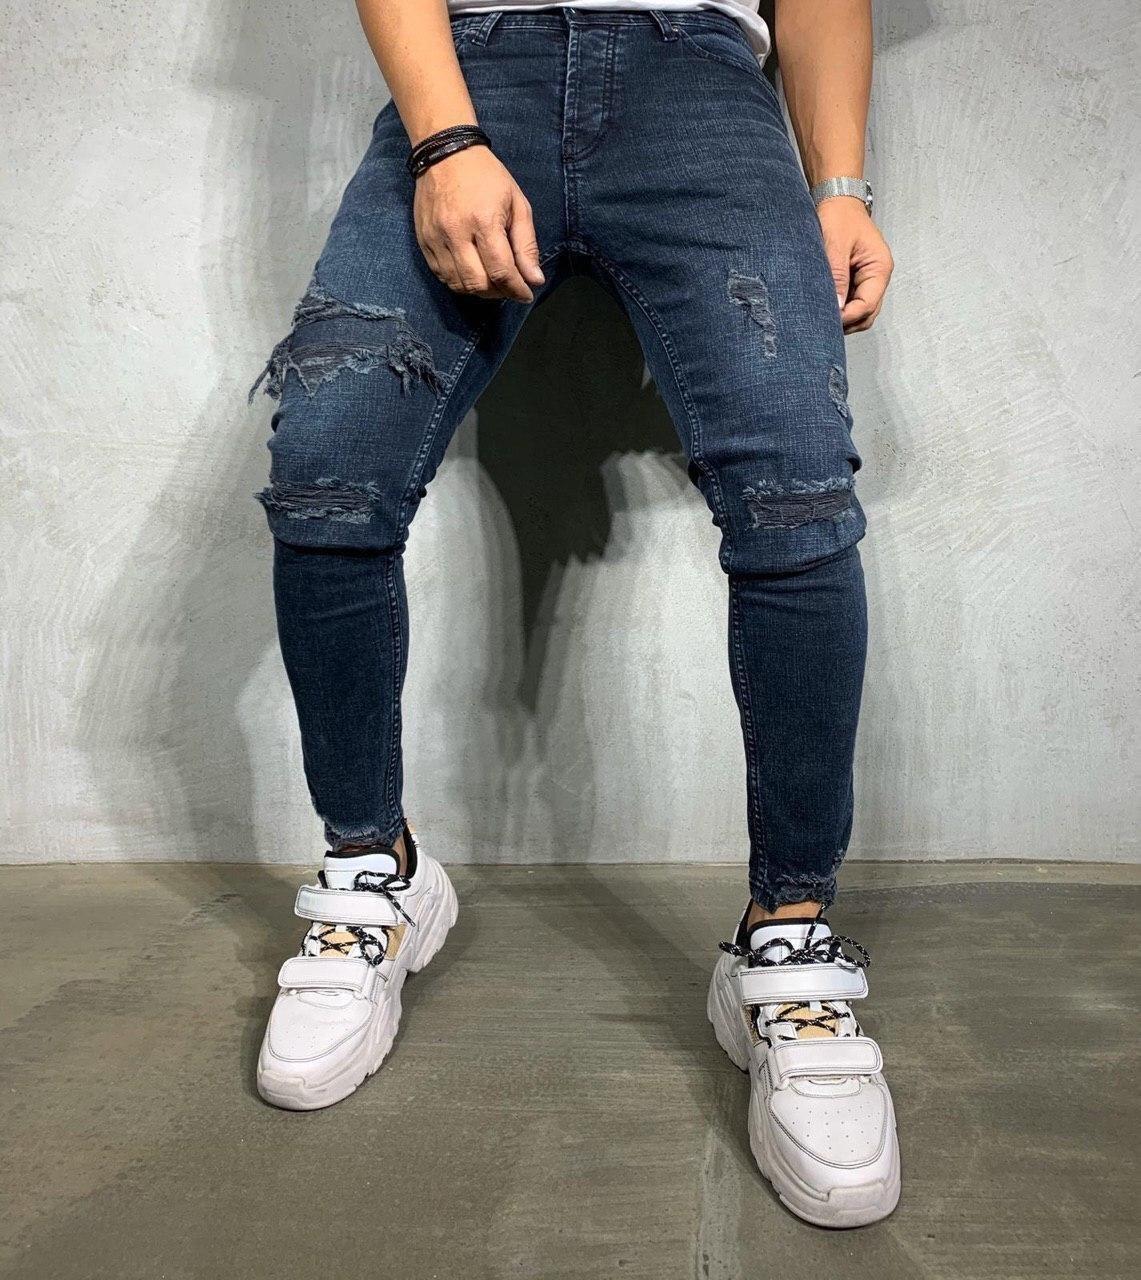 Мужские джинсы зауженные с латками Турция Люкс качество